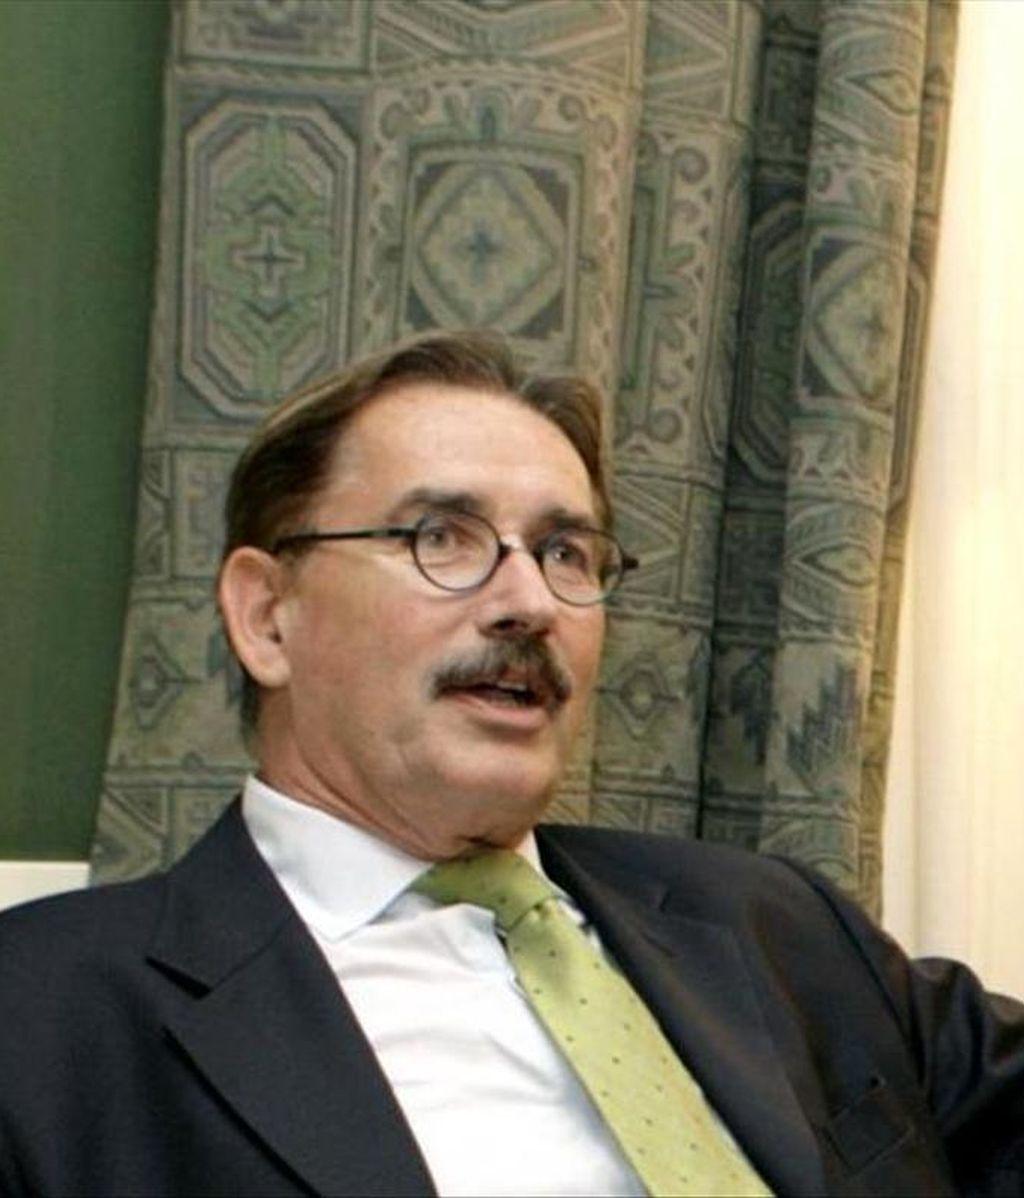 El cónsul de Alemania en Las Palmas, Peter Christian Haucke. EFE/Archivo